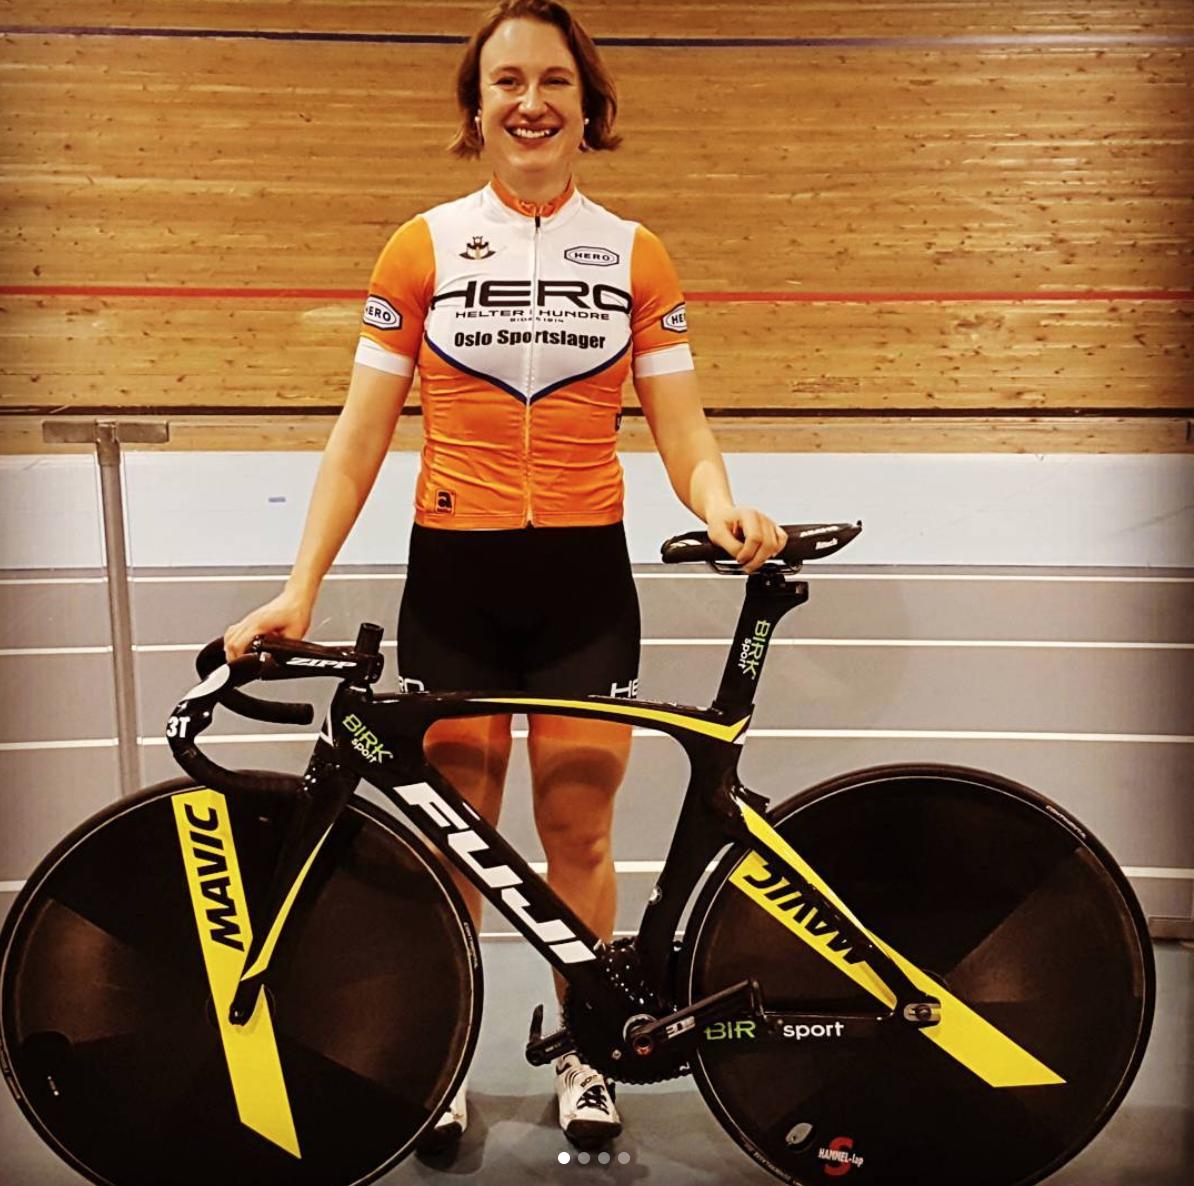 Banesykkel – Hvordan fungerer en slik sykkel?